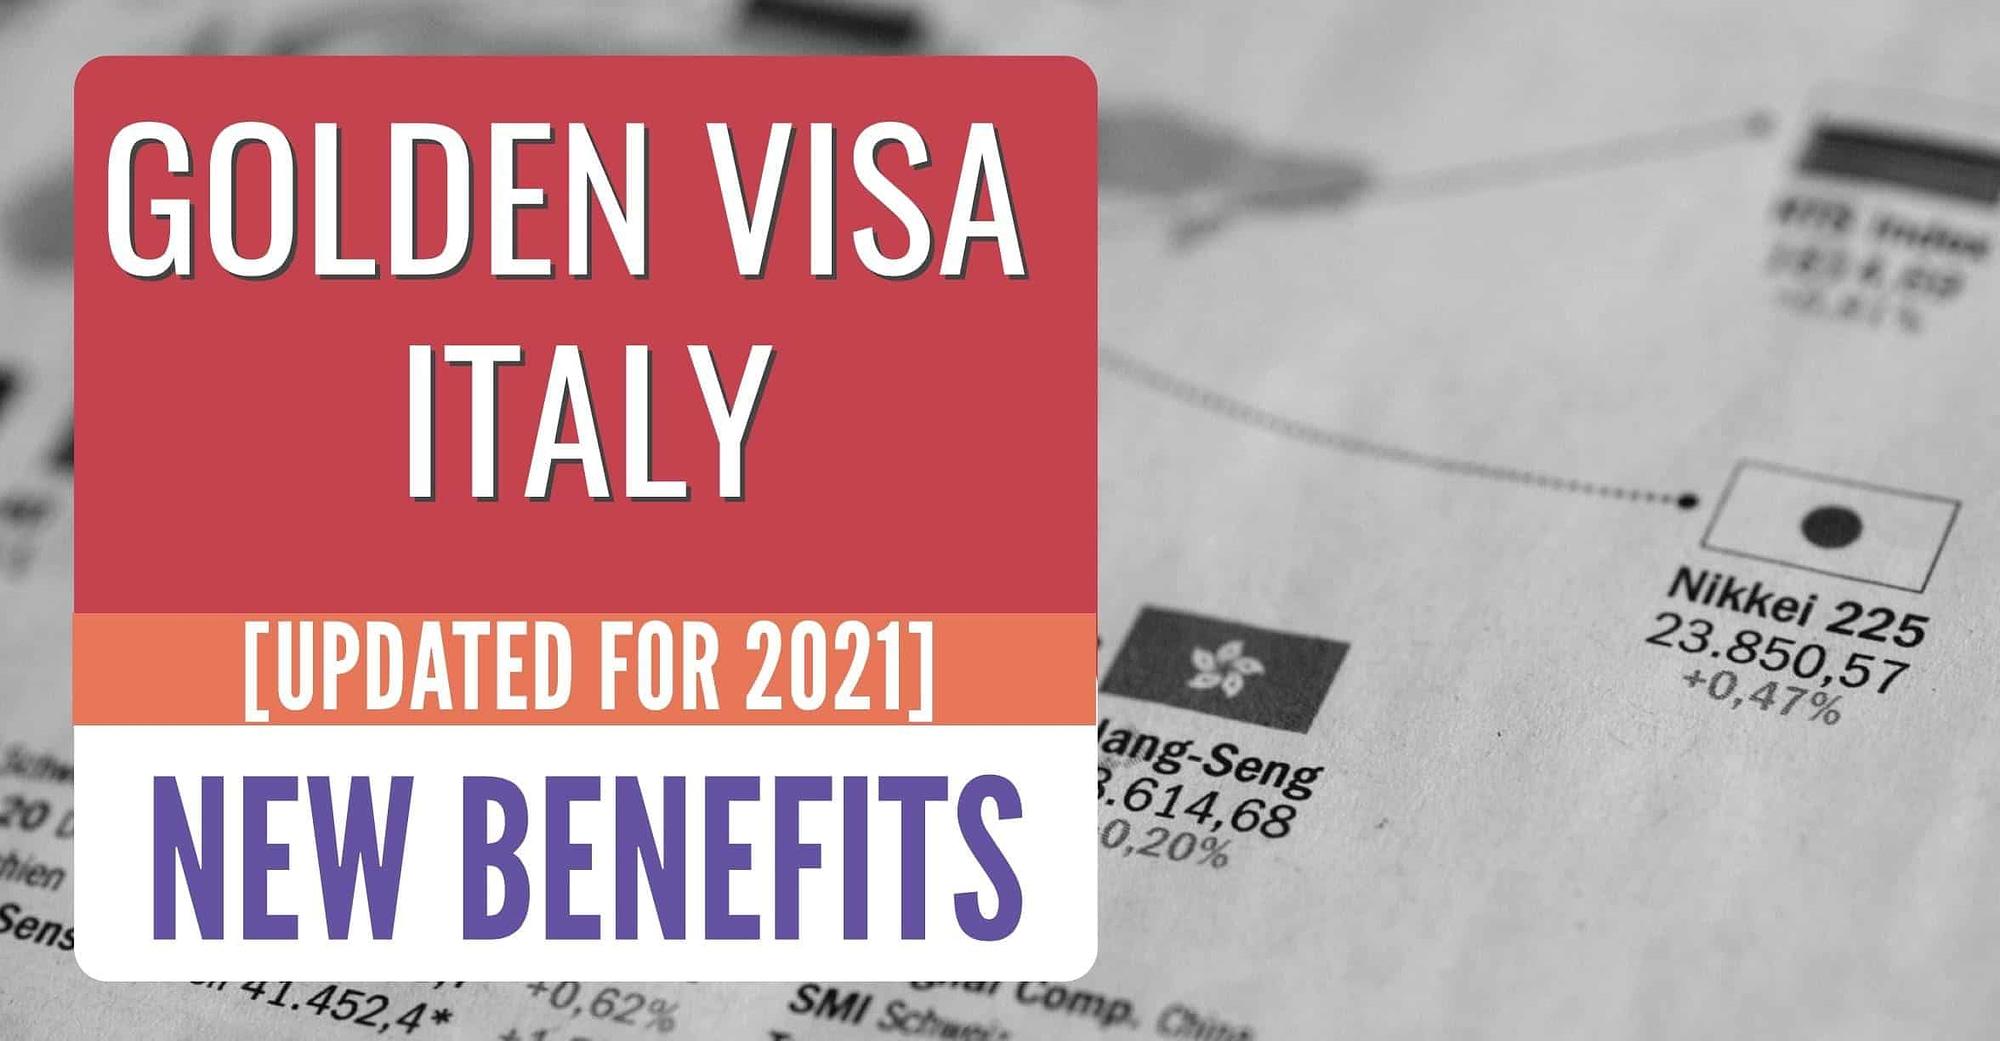 GOLDEN-VISA-ITALY-2021-INVESTOR-VISA-ITALY-LAW-FIRM-BERSANI